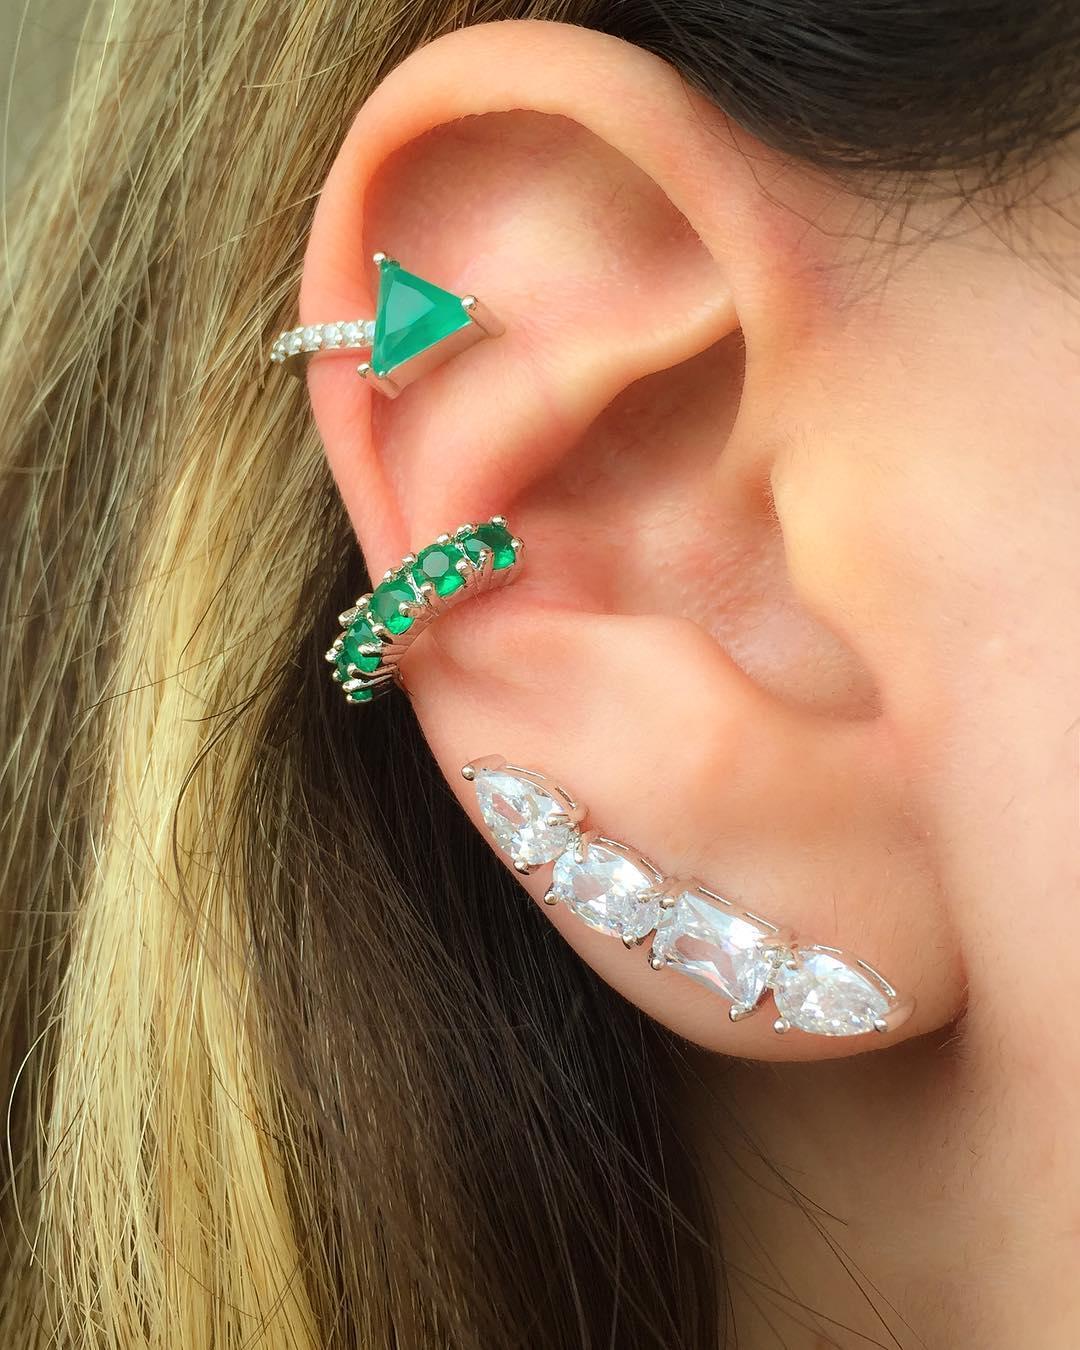 piercing conch ear cuff